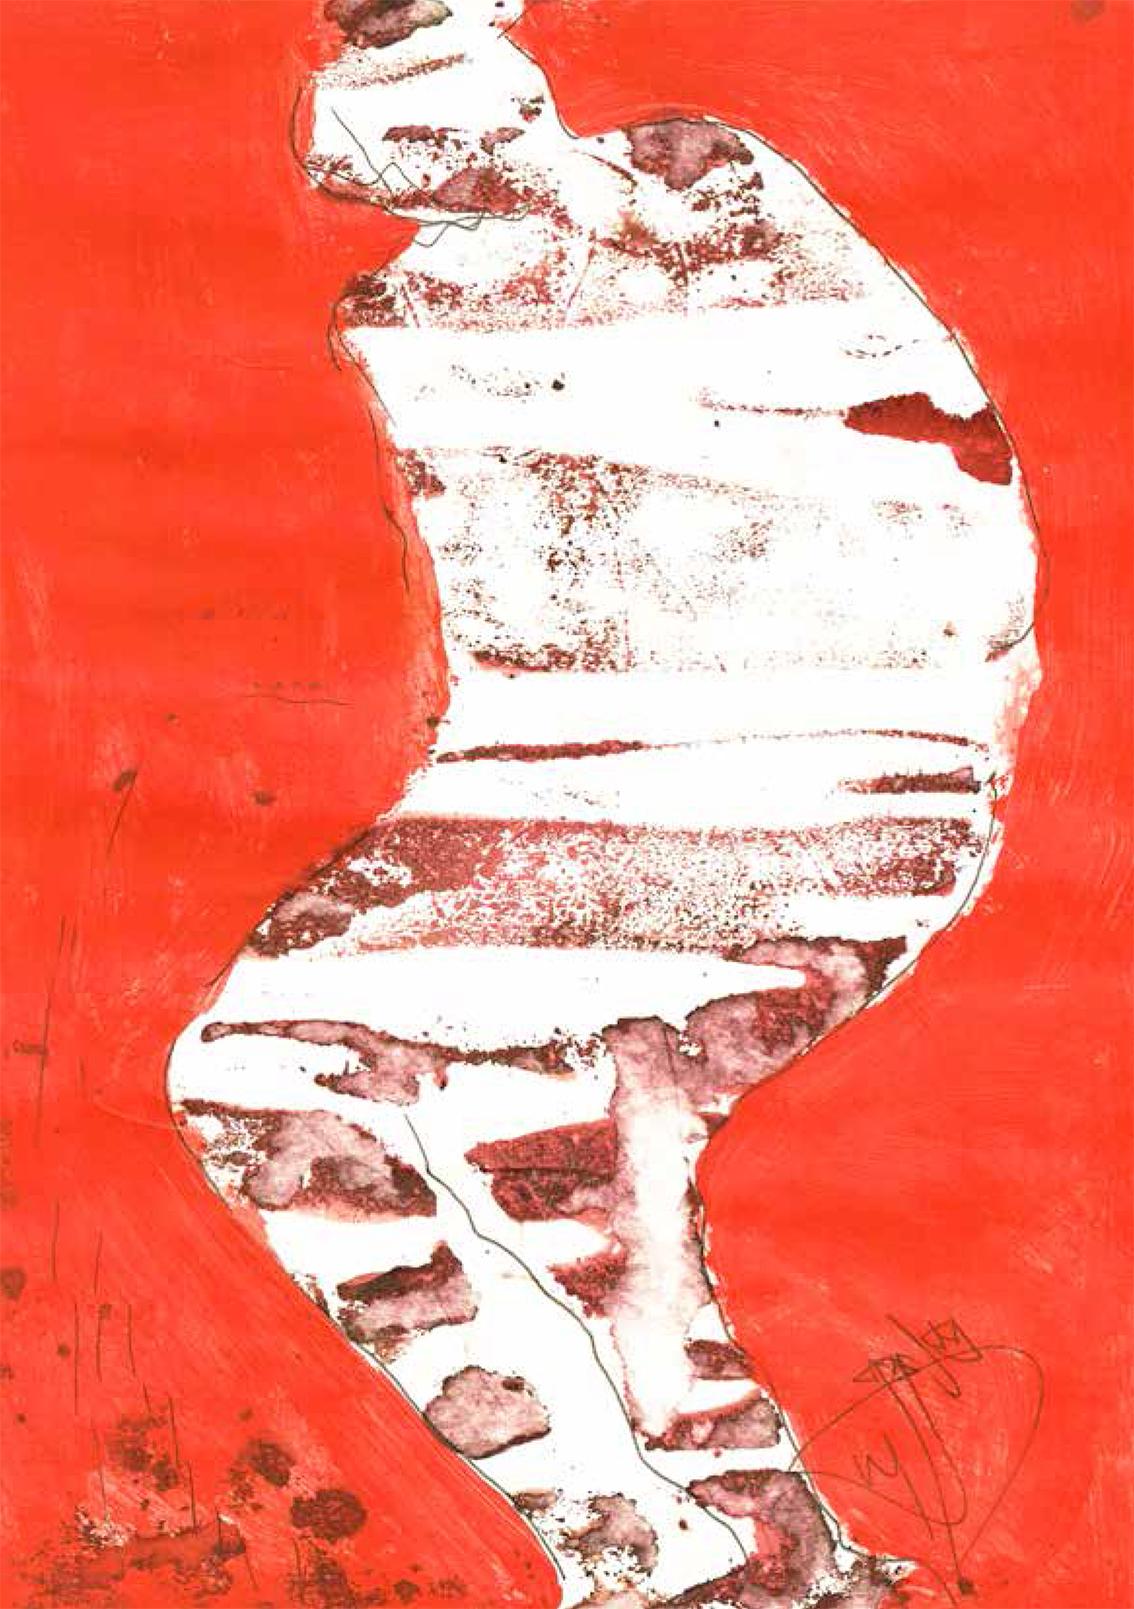 """""""Sin comentario"""", acrílico sobre papel, 21 x 29,7 cm, Granada, 2014. Arriba, """"Por el camino"""", acuarela sobre papel, 42 x 29 cm, Granada, 2009."""